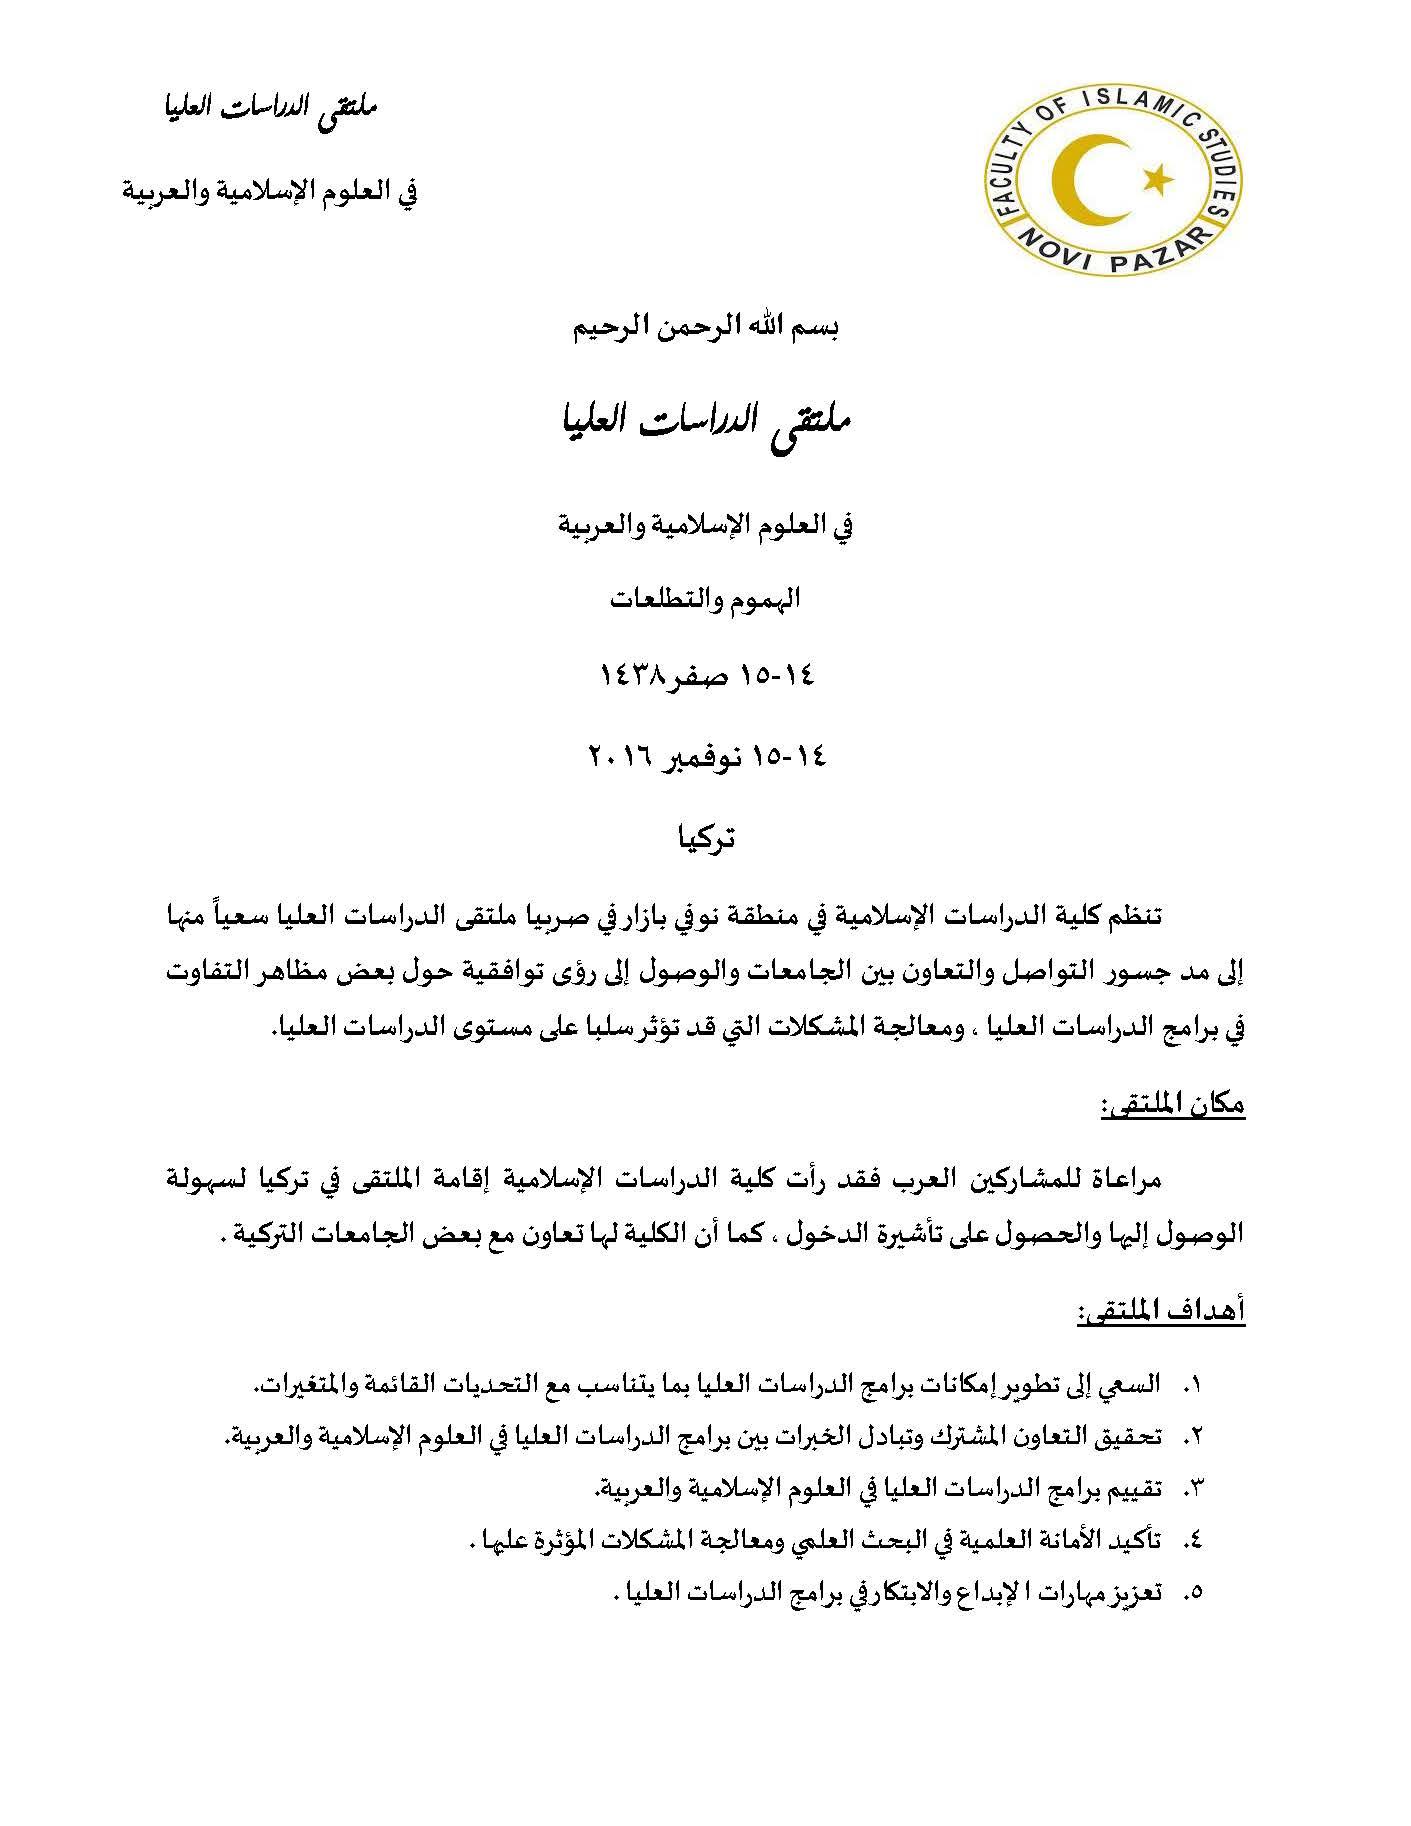 ملتقى الدراسات العليا في تركيا_Page_1